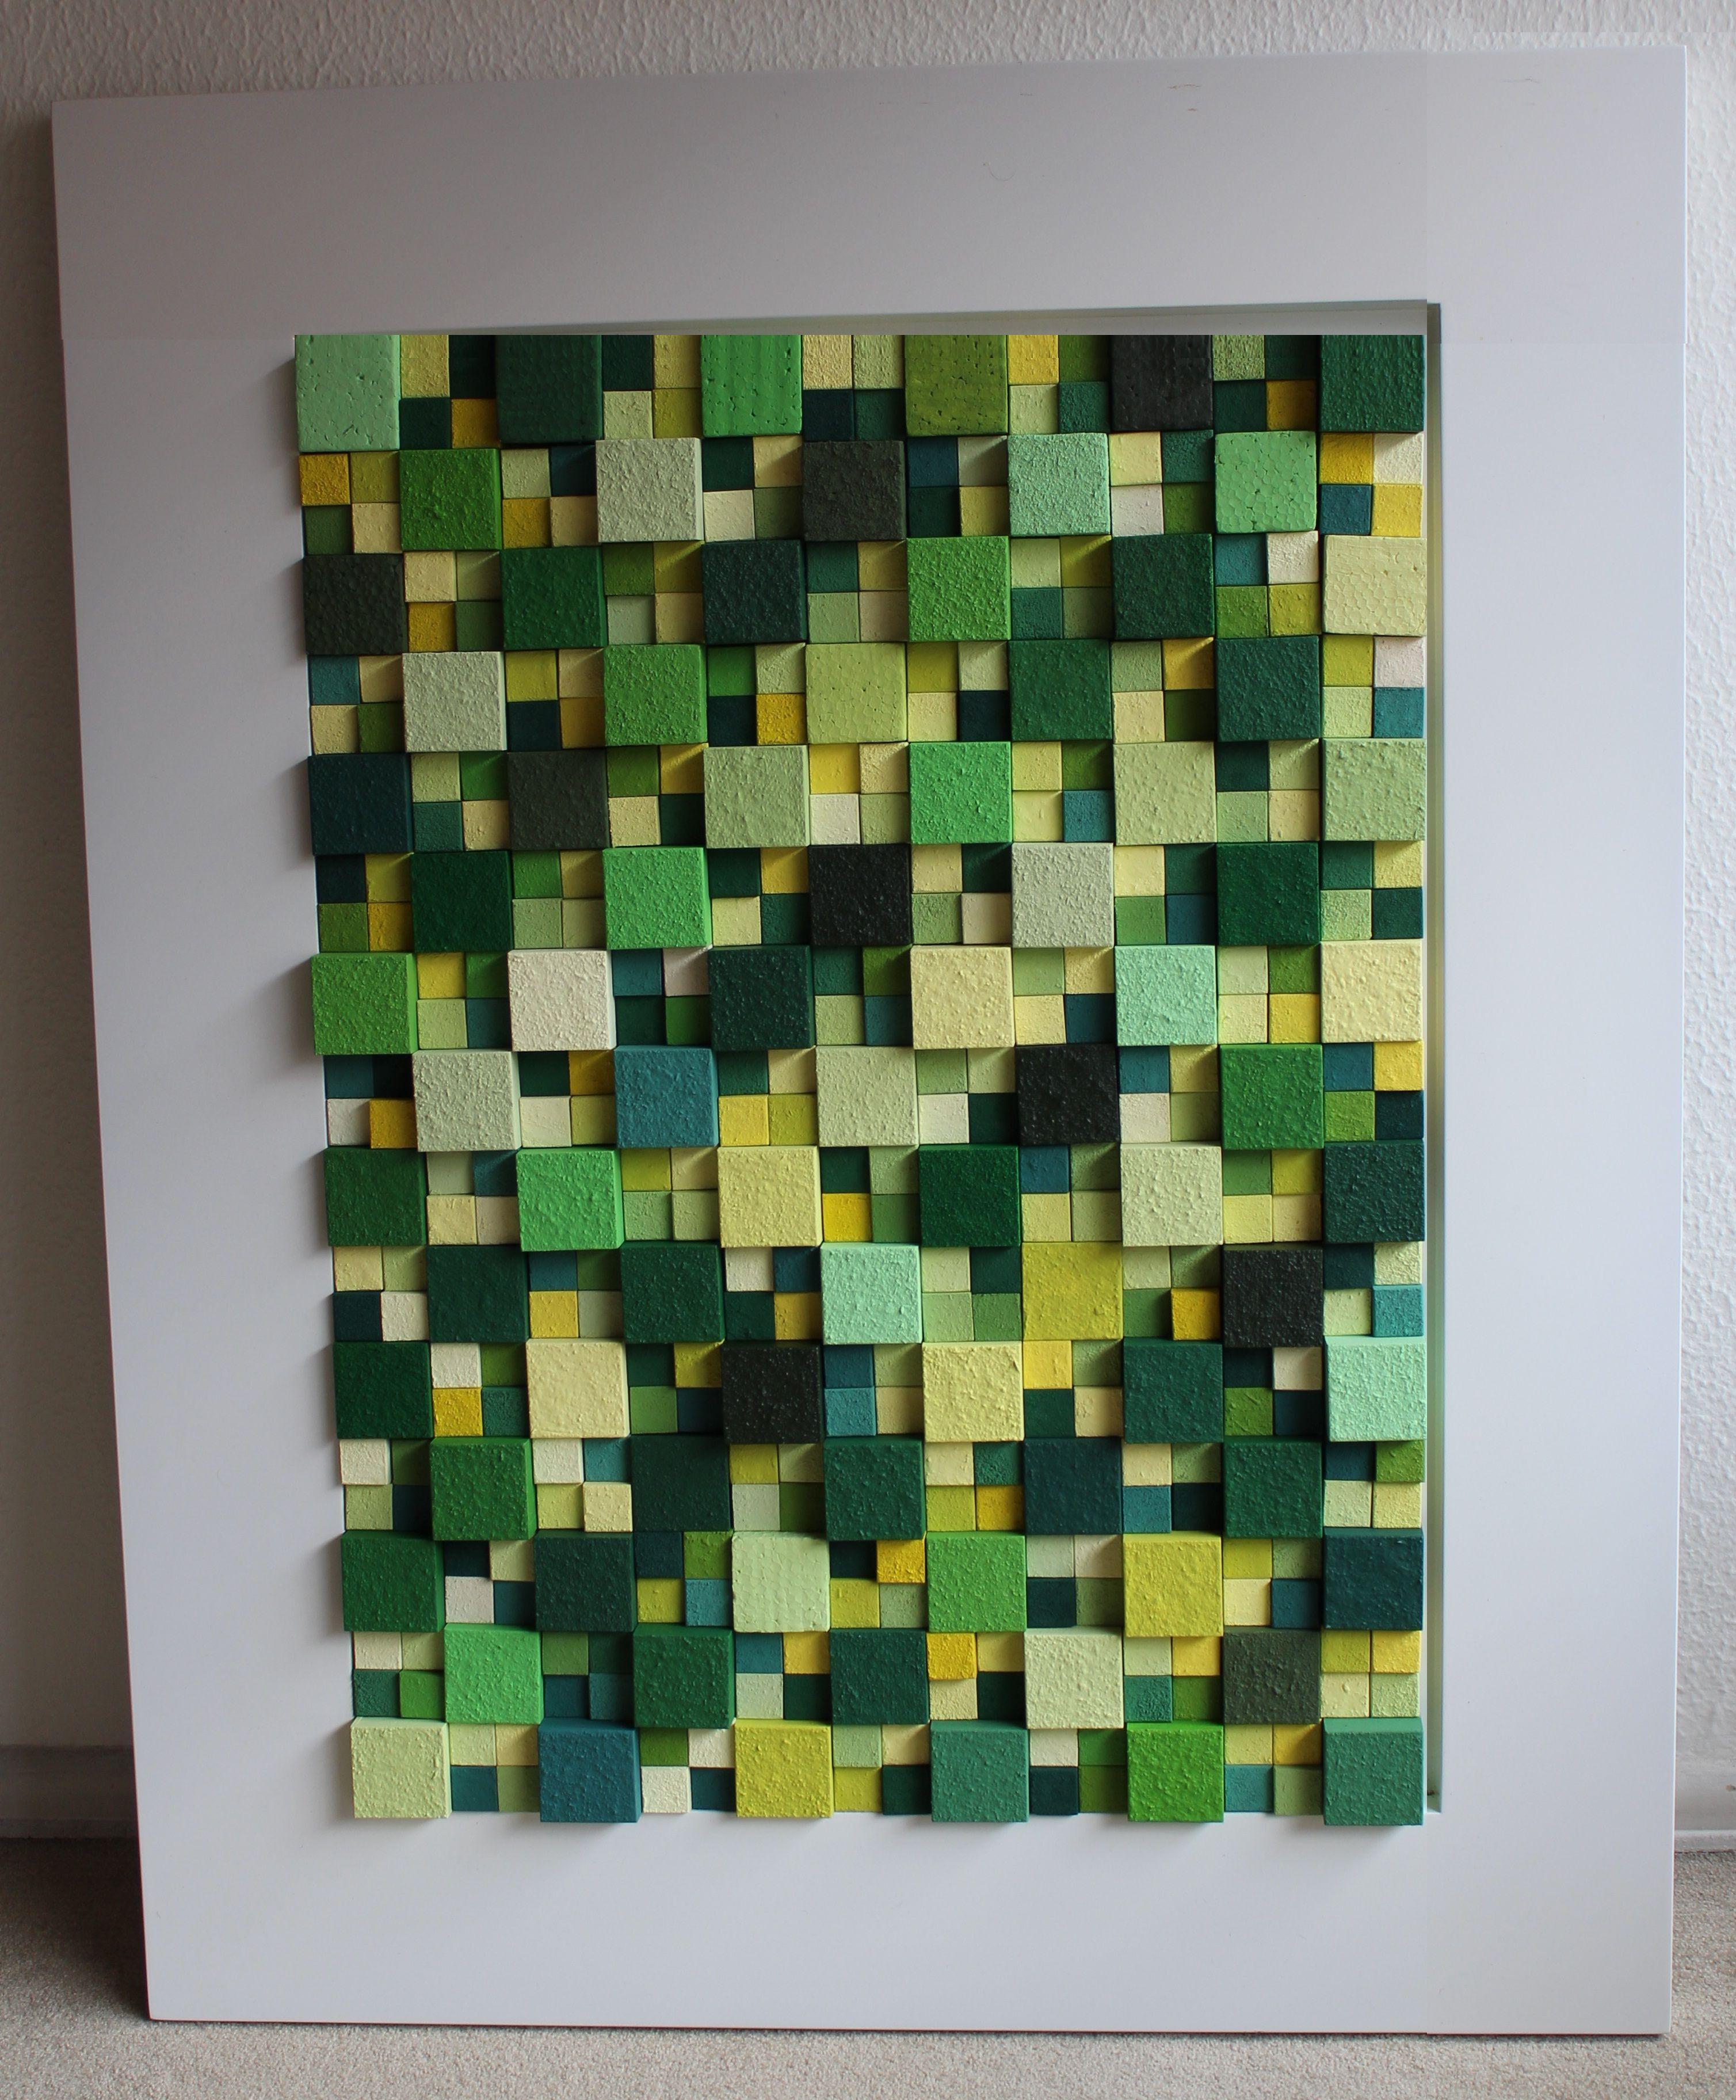 Colores 60 verde construccion de cubos de madera de - Cubos de madera ...